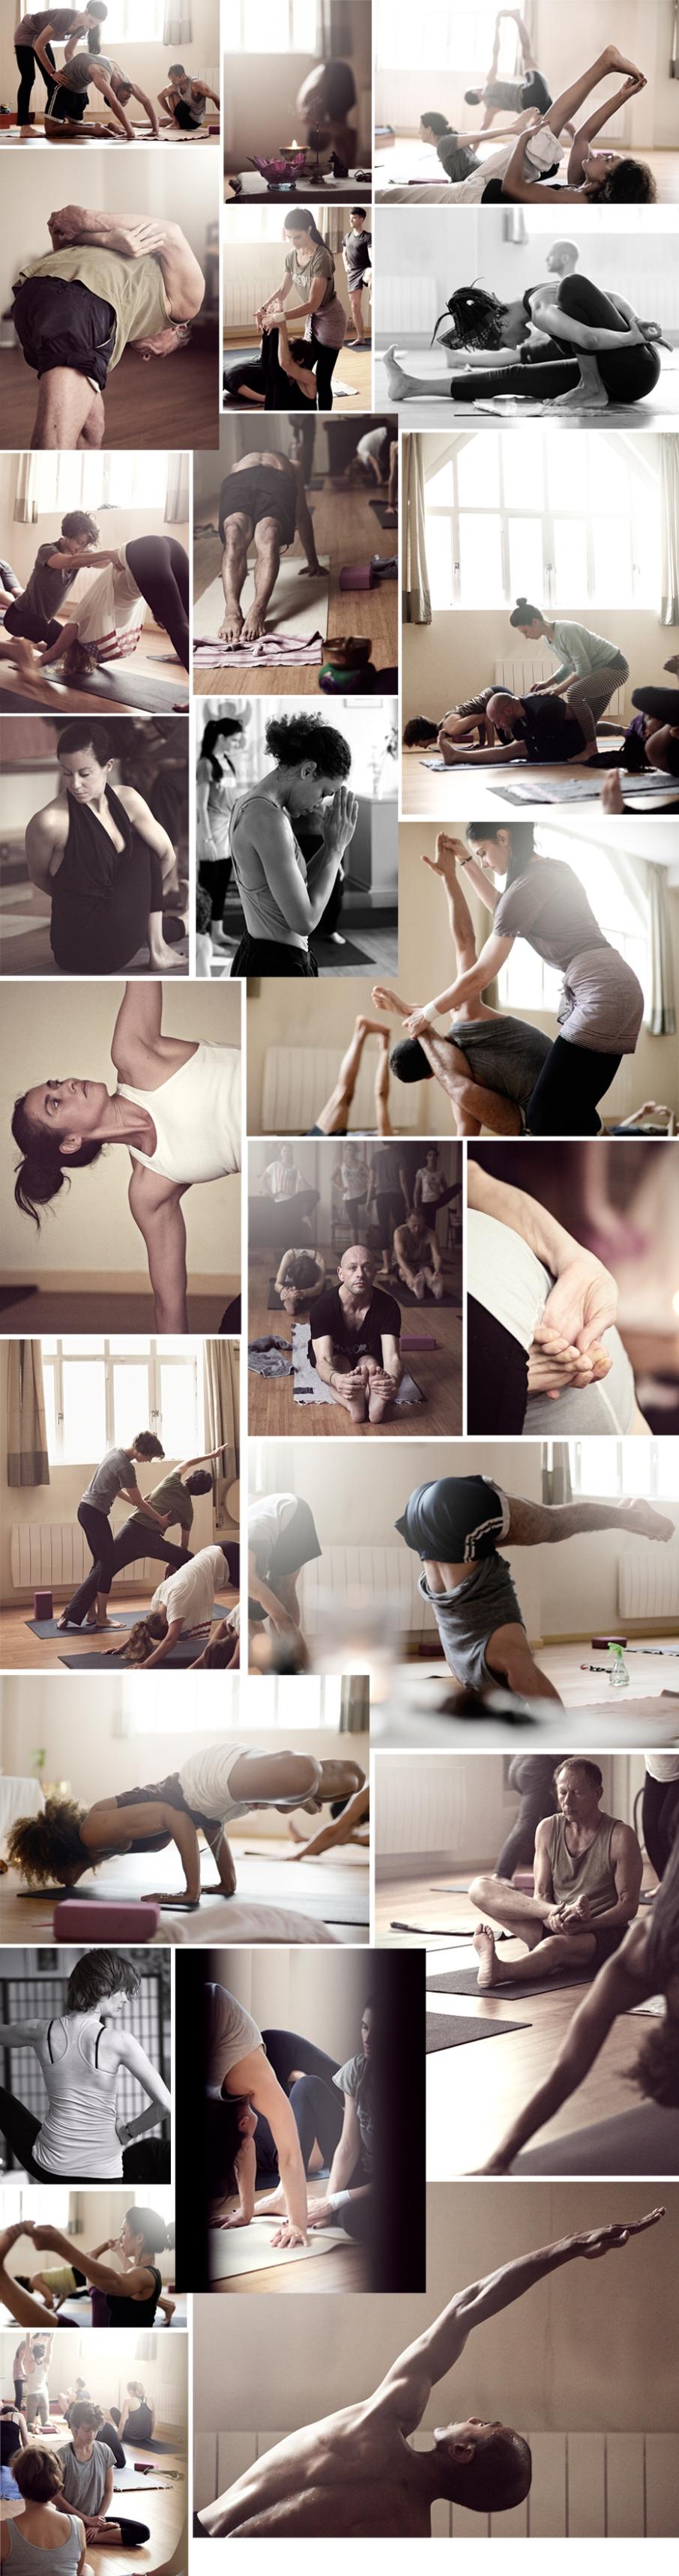 kia-naddermier-mysore_yoga_paris